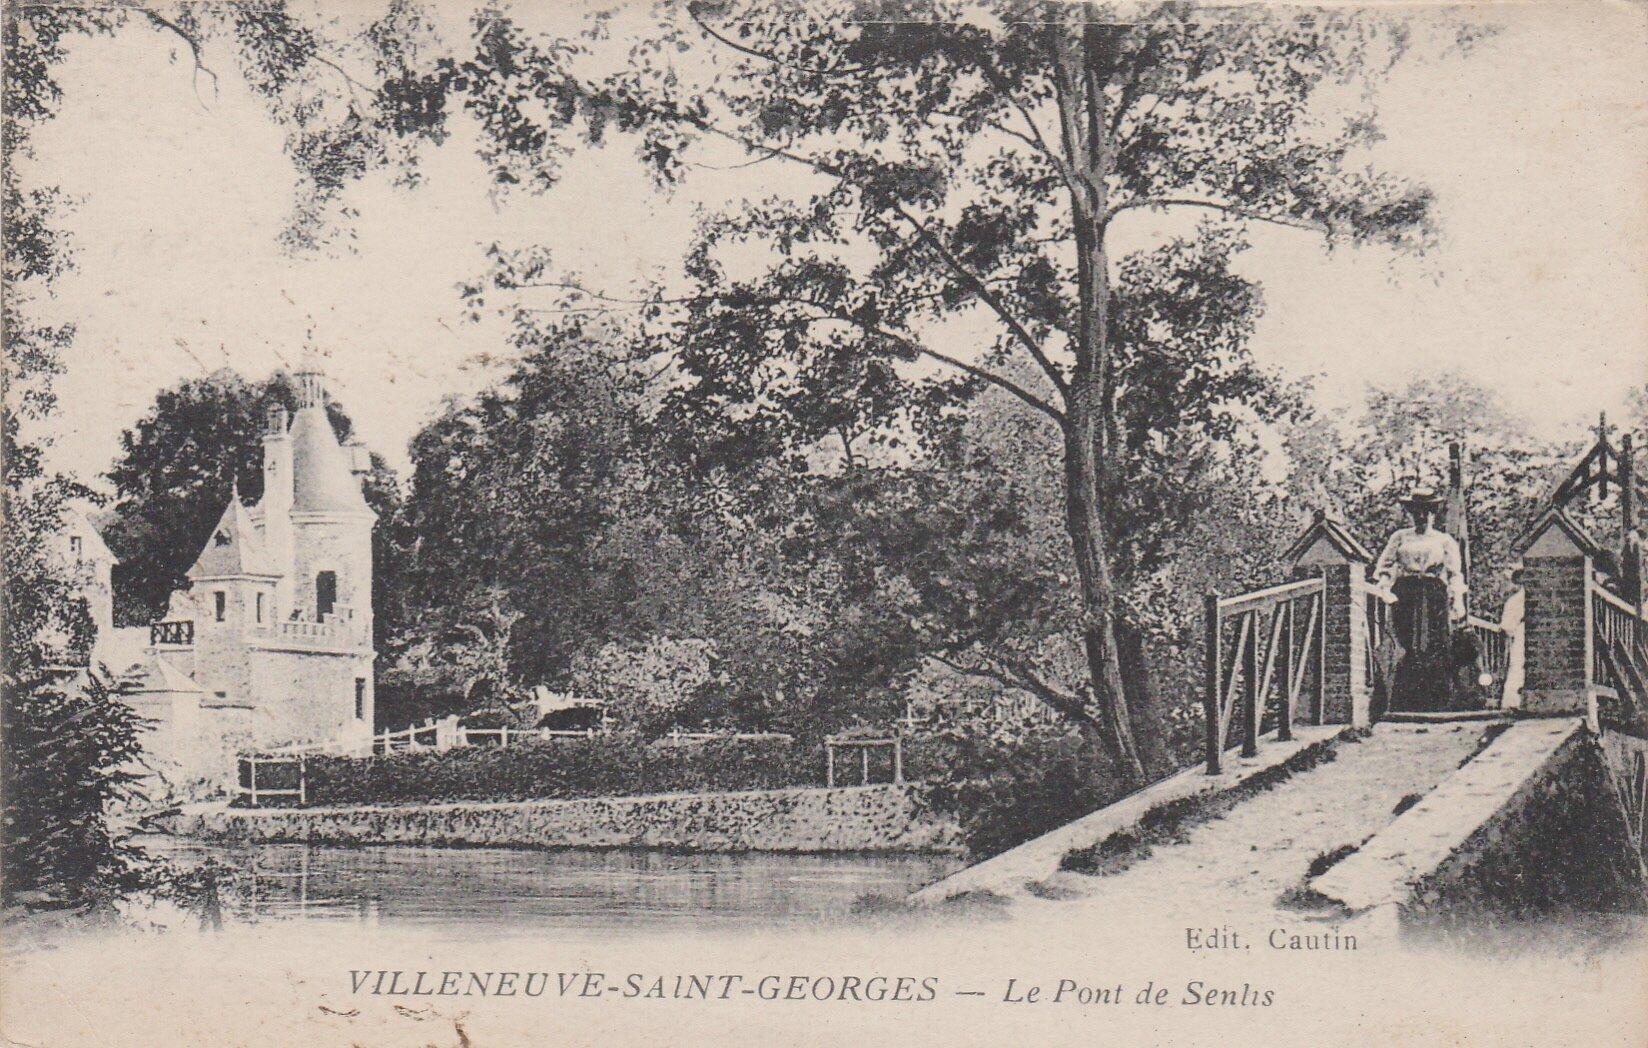 VILLENEUVE-SAINT-GEORGES - Le pont de Senlis 1919